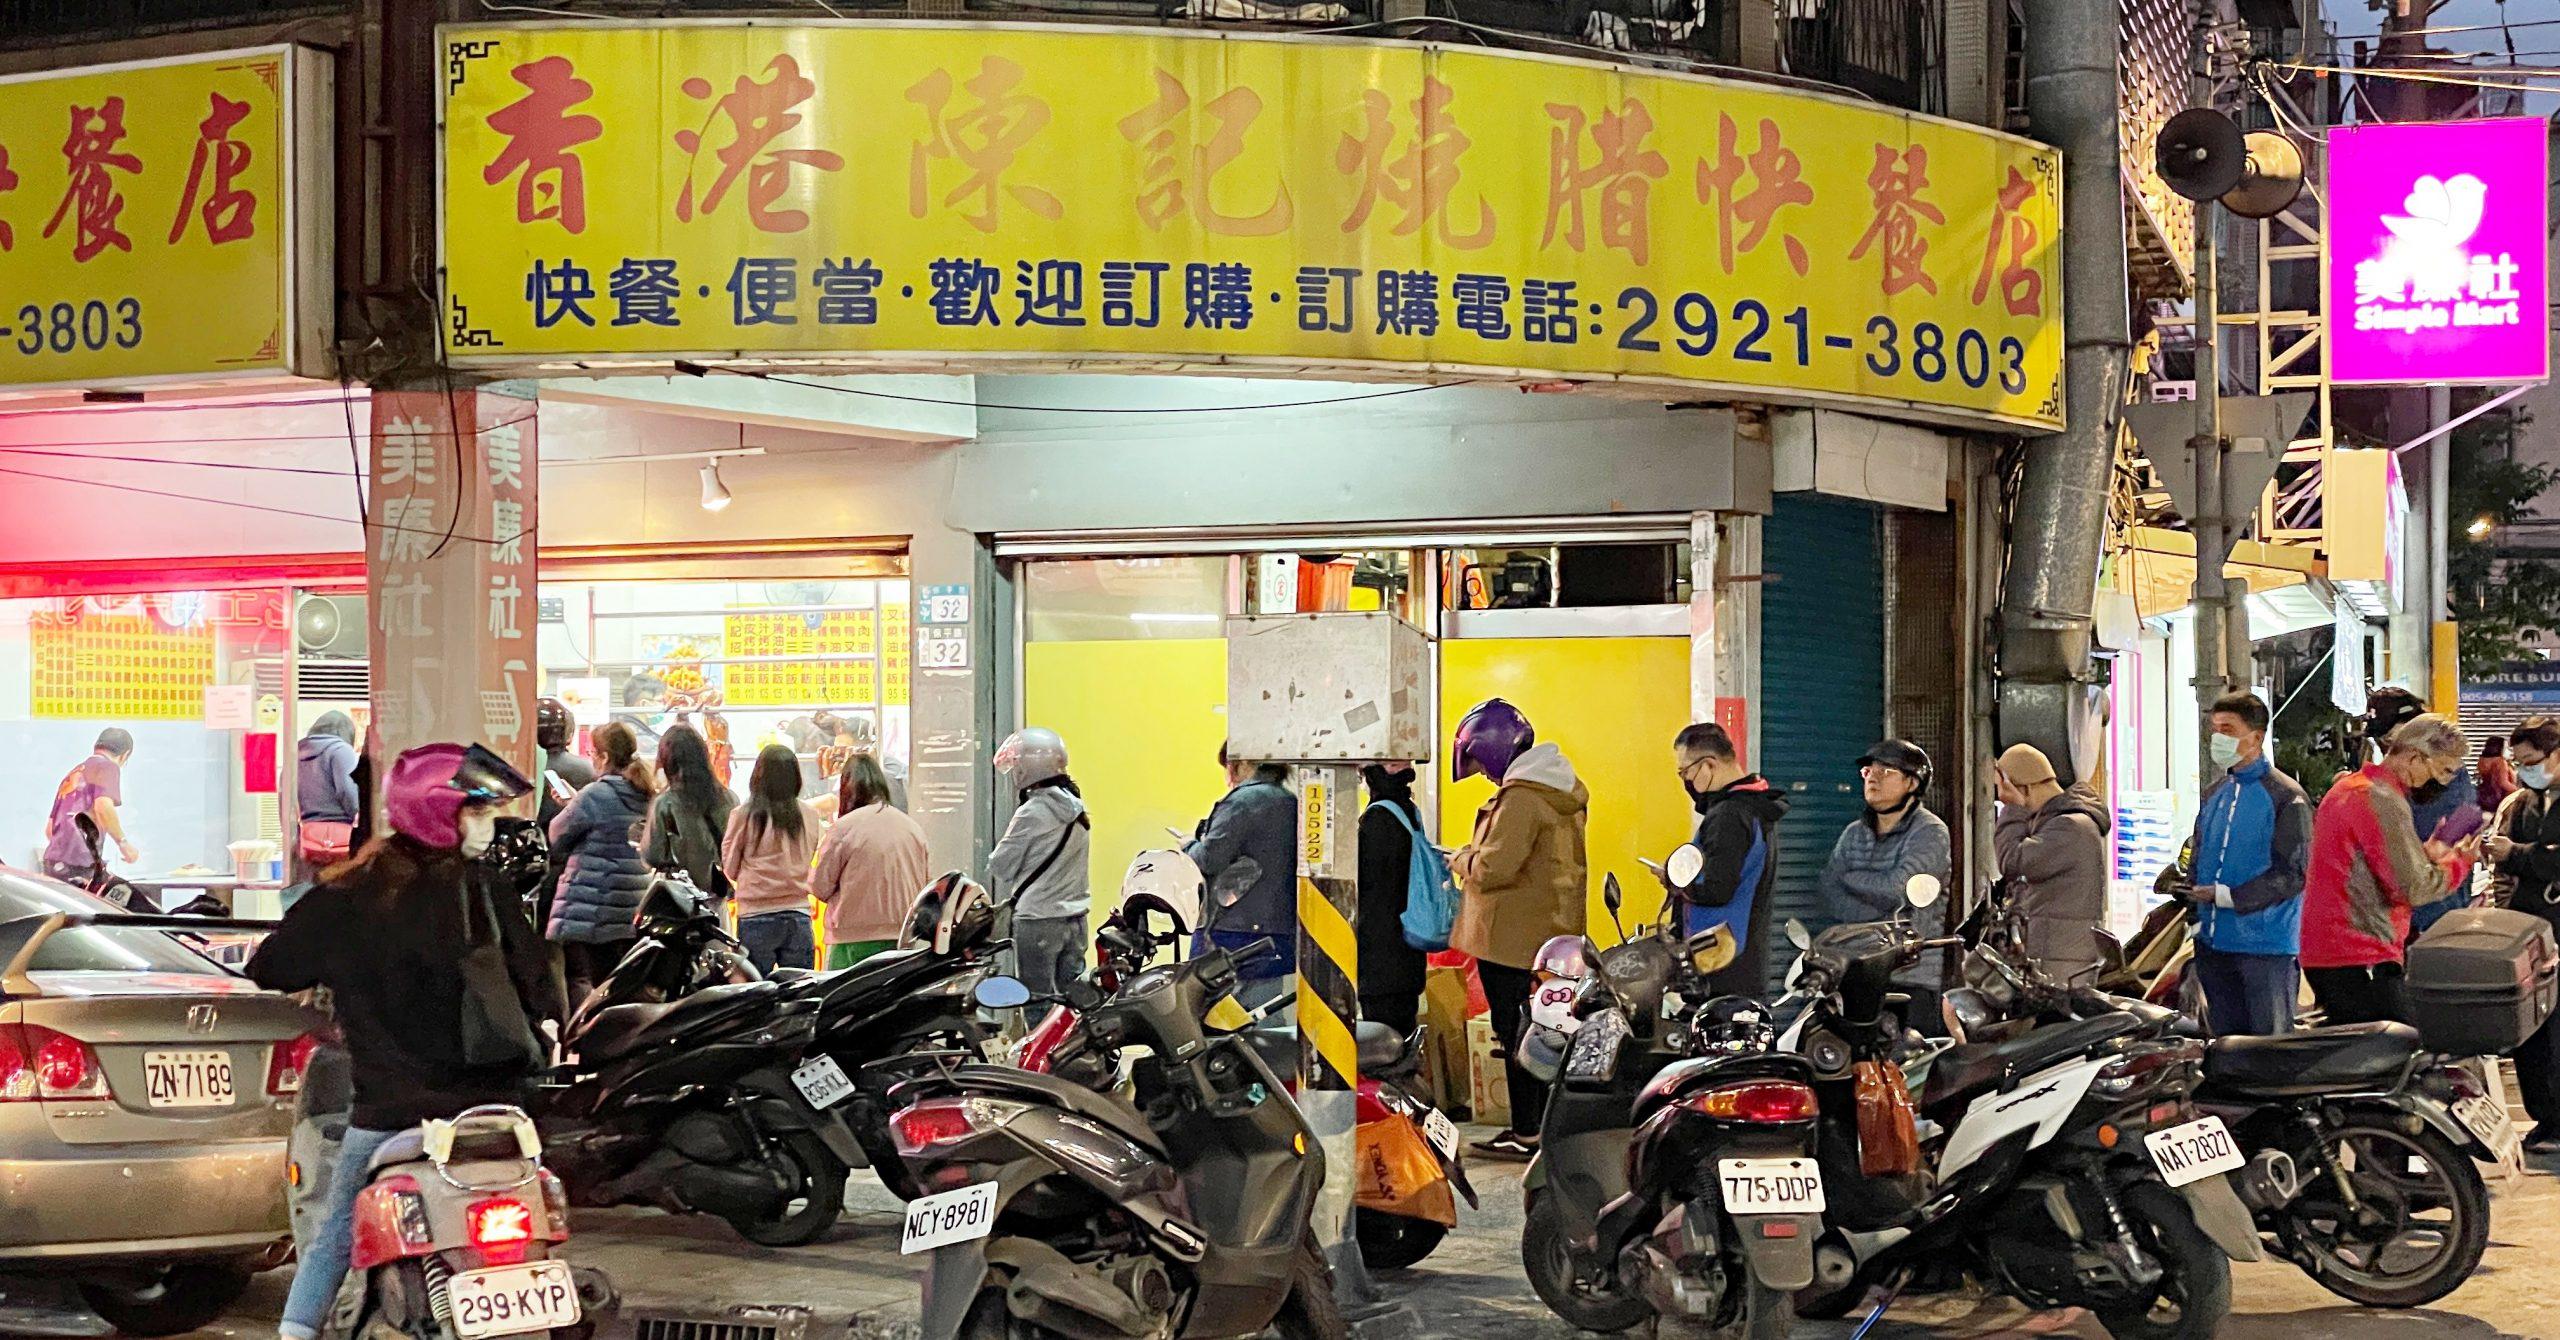 陳記燒臘,陳記燒臘菜單,香港陳記燒臘快餐店,永和 @Nash,神之領域